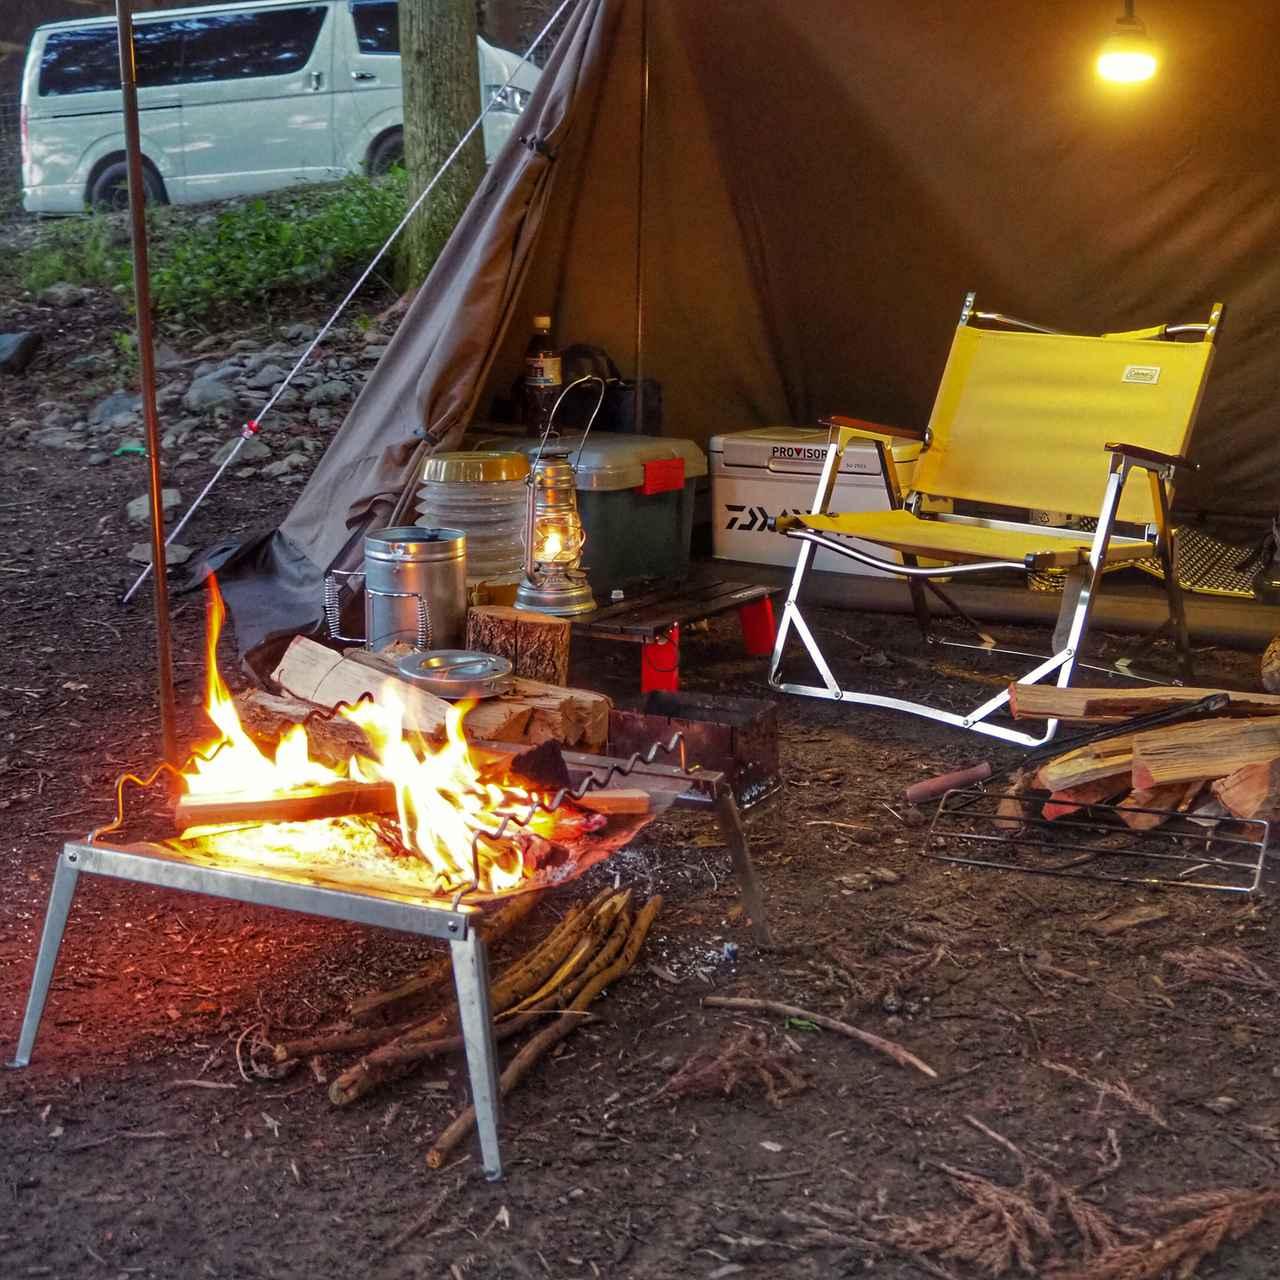 画像: 【ソロキャンプ】最低限必要な持ち物リストは? 初心者でもキャンプを楽しめる